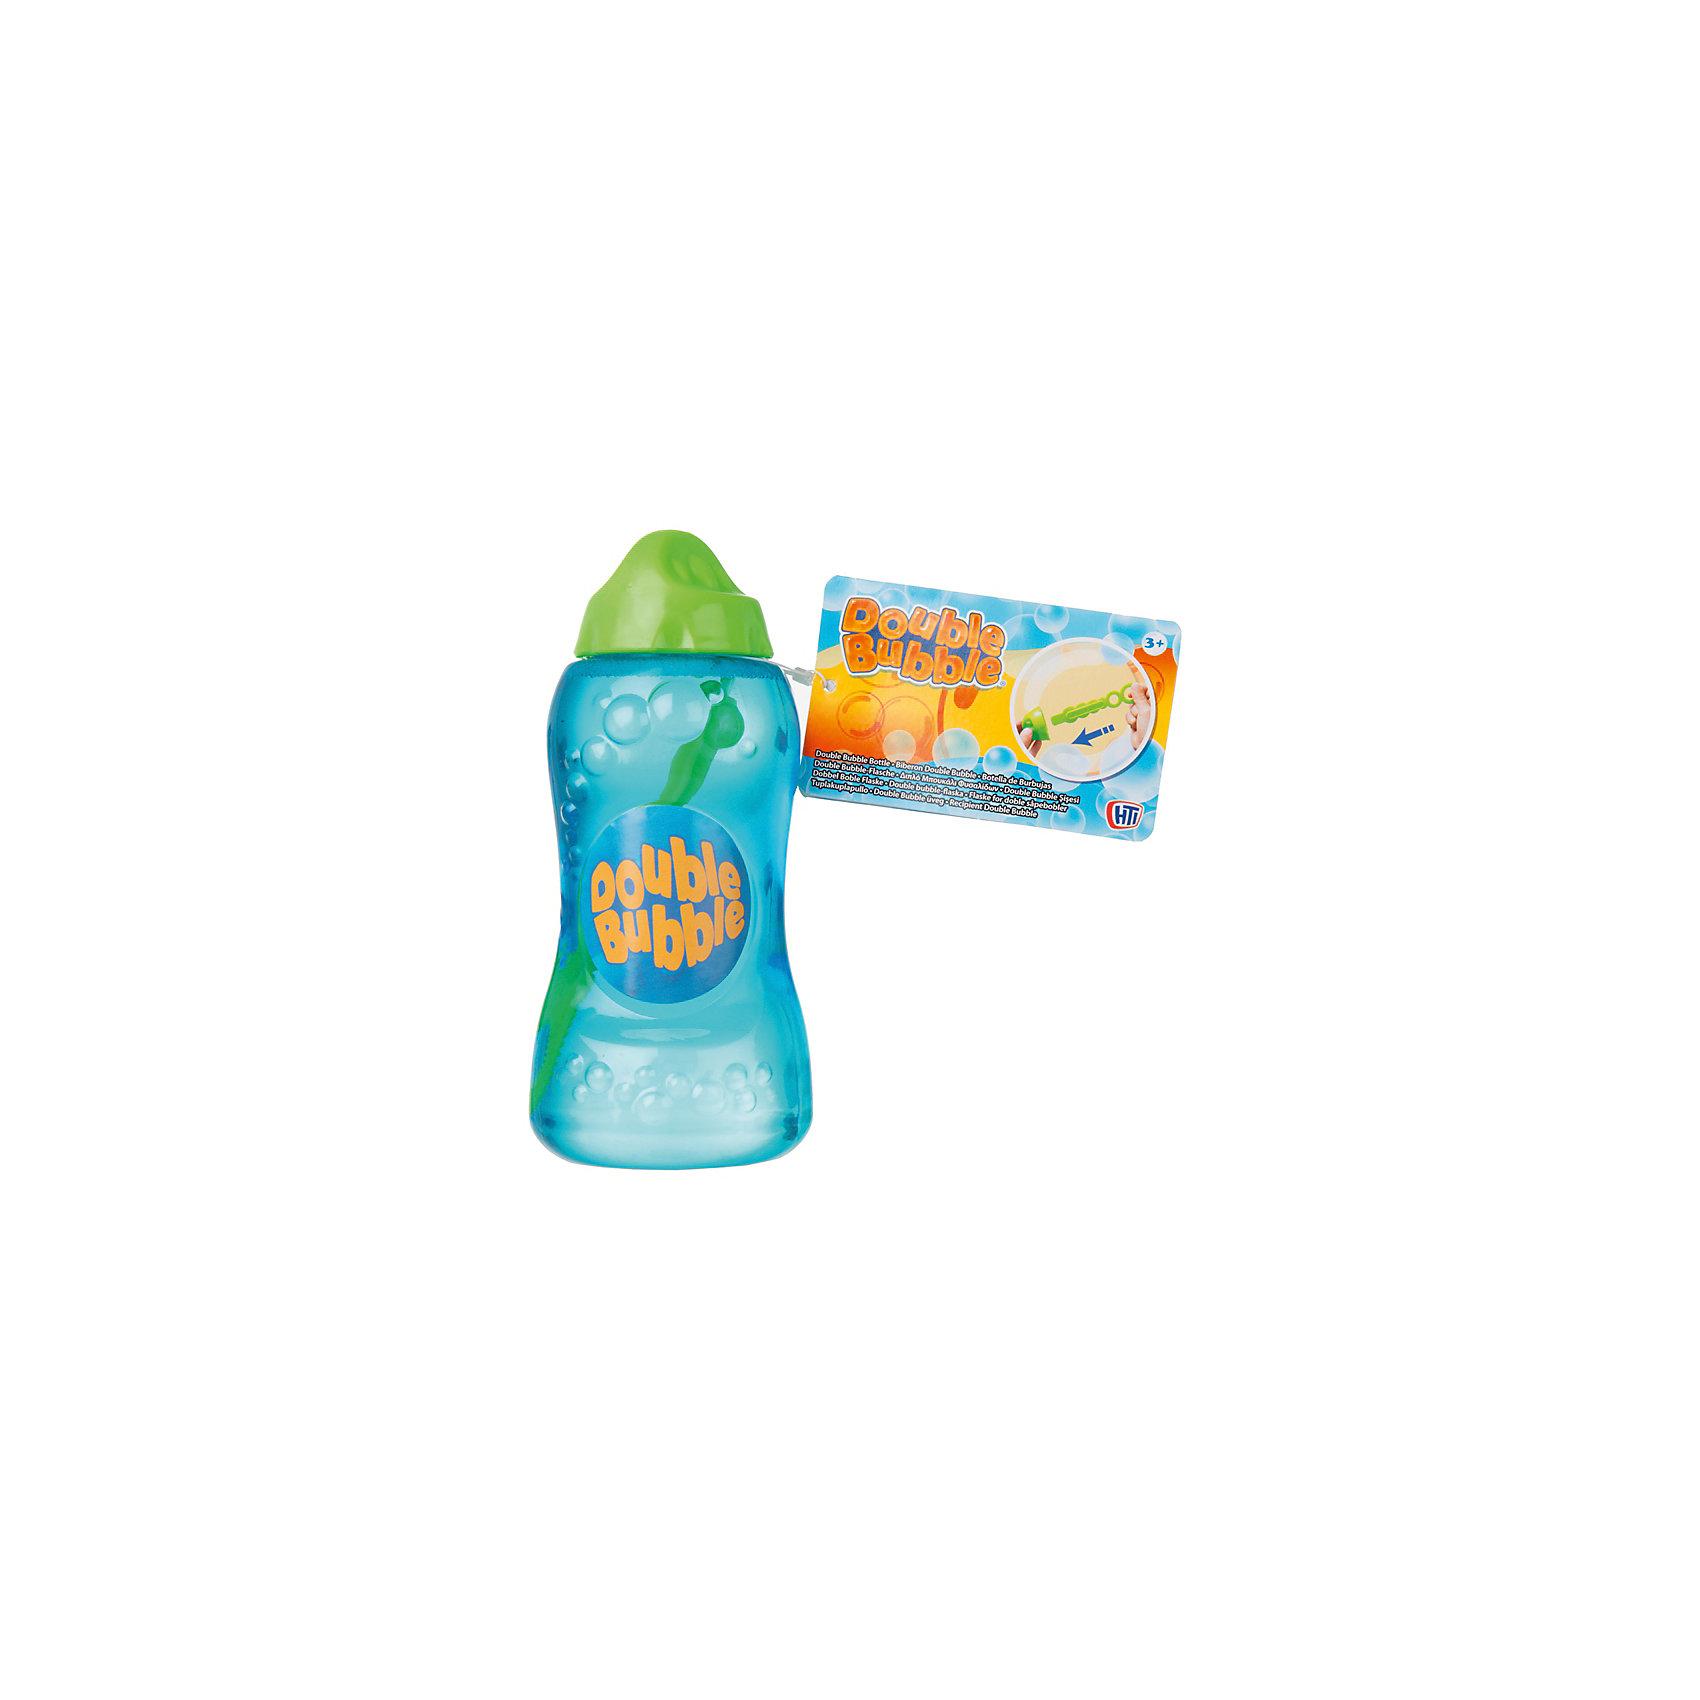 Набор для пускания мыльных пузырей  с бутылочкой, HTIНабор для пускания мыльных пузырей с бутылочкой, HTI.<br><br>Характеристика: <br><br>• Материал: пластик, мыло. <br>• Размер упаковки: 6,5х13х6,5 см.  <br>• Объем бутылочки: 236 мл. <br>• Эргономичная форма. <br>• Яркий привлекательный дизайн.<br><br>Дети обожают мыльные пузыри! Позвольте вашему малышу самому создать маленькое мыльное чудо. Бутылочка с мыльным раствором имеет удобную эргономичную форму, препятствующую выскальзыванию и идеально подходящую для детских рук. Мыльная жидкость имеет нетоксичный состав безопасный для детей.<br><br>Набор для пускания мыльных пузырей с бутылочкой, HTI, можно купить в нашем интернет-магазине.<br><br>Ширина мм: 137<br>Глубина мм: 63<br>Высота мм: 63<br>Вес г: 260<br>Возраст от месяцев: 36<br>Возраст до месяцев: 168<br>Пол: Унисекс<br>Возраст: Детский<br>SKU: 5366541